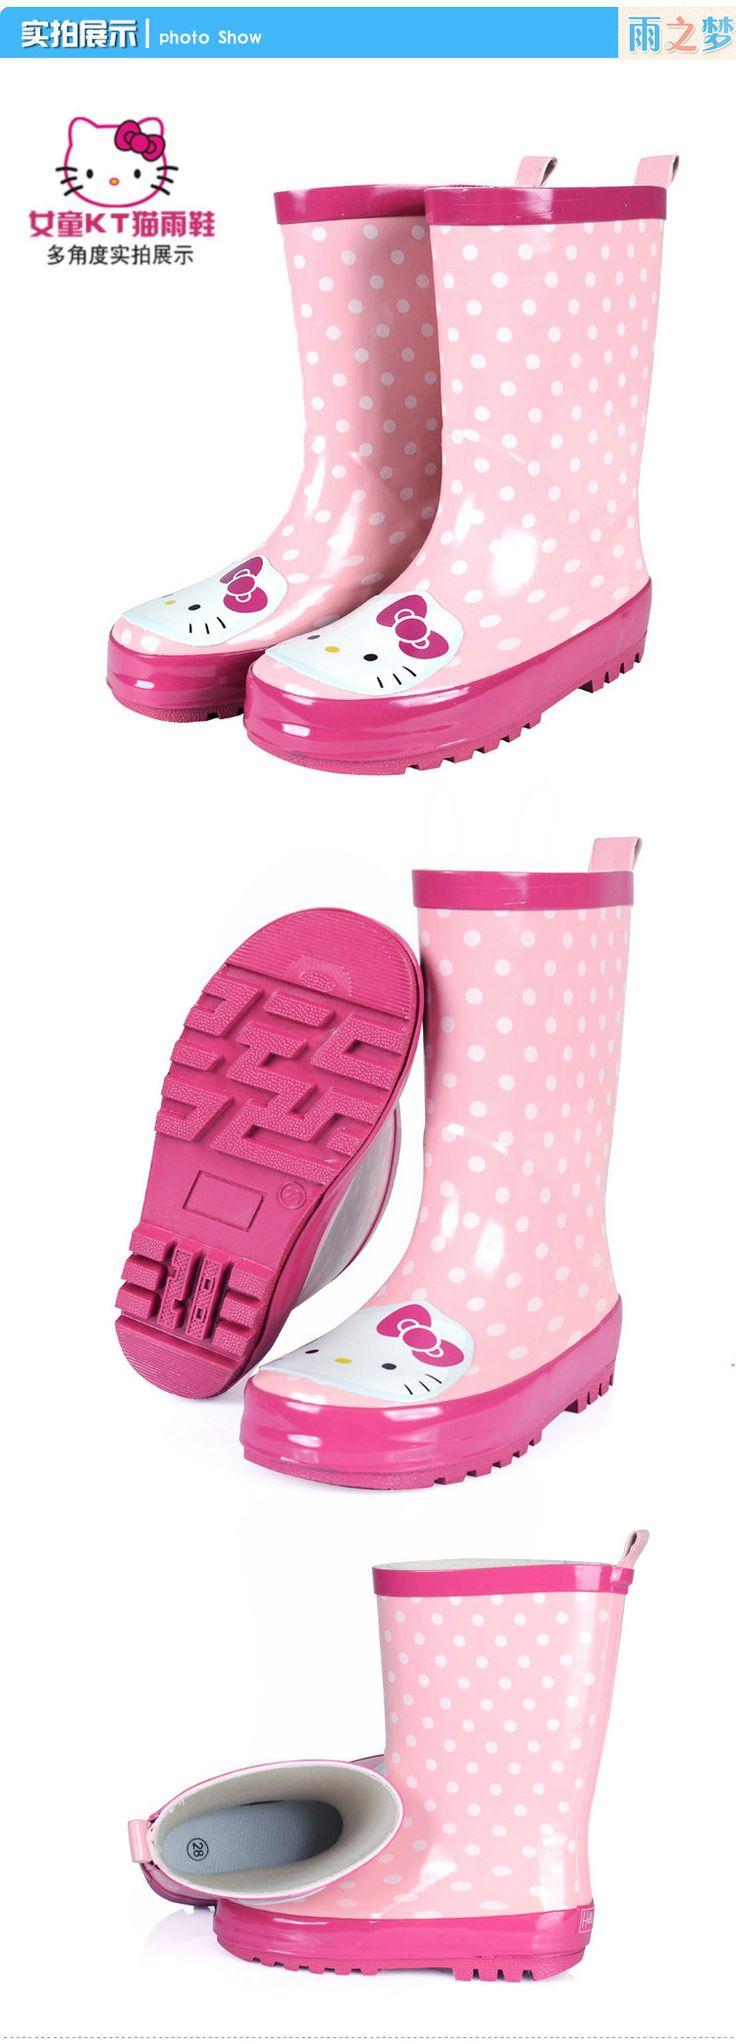 Детские резиновые сапоги для девочек воды обувь симпатичные родитель-ребенок дождя сапоги резиновые нескользящей воды обувь ребенка дети теплый дождь сапоги-Таобао мировой станции